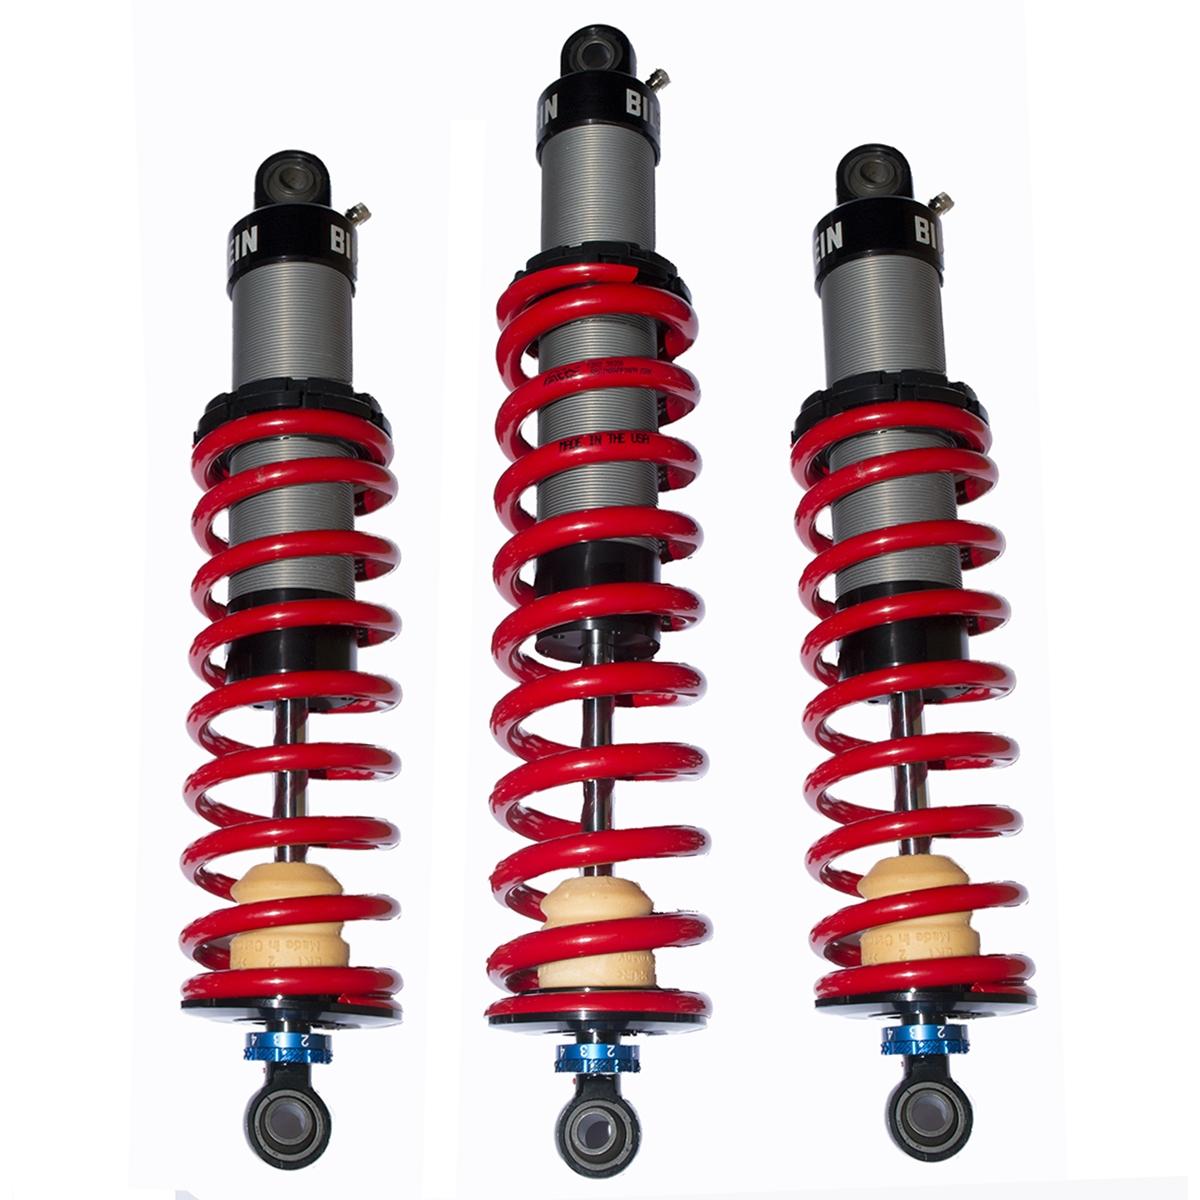 Double Adjustable Shock Kits